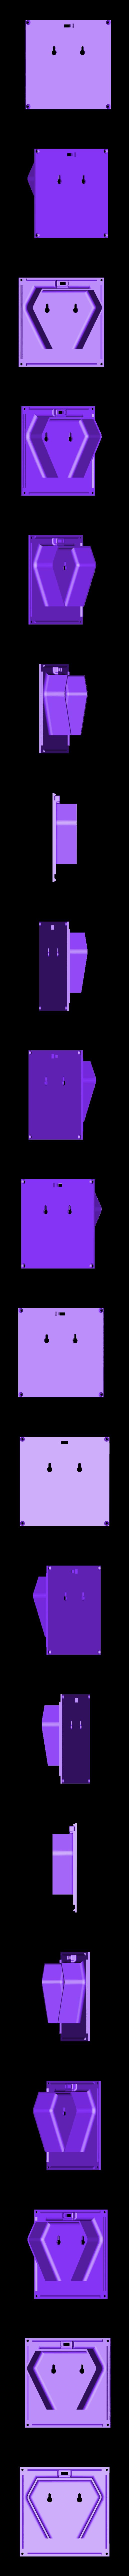 Reactor_Box_Cap.STL Download free STL file Arc Reactor Display • 3D printable design, yelelabs